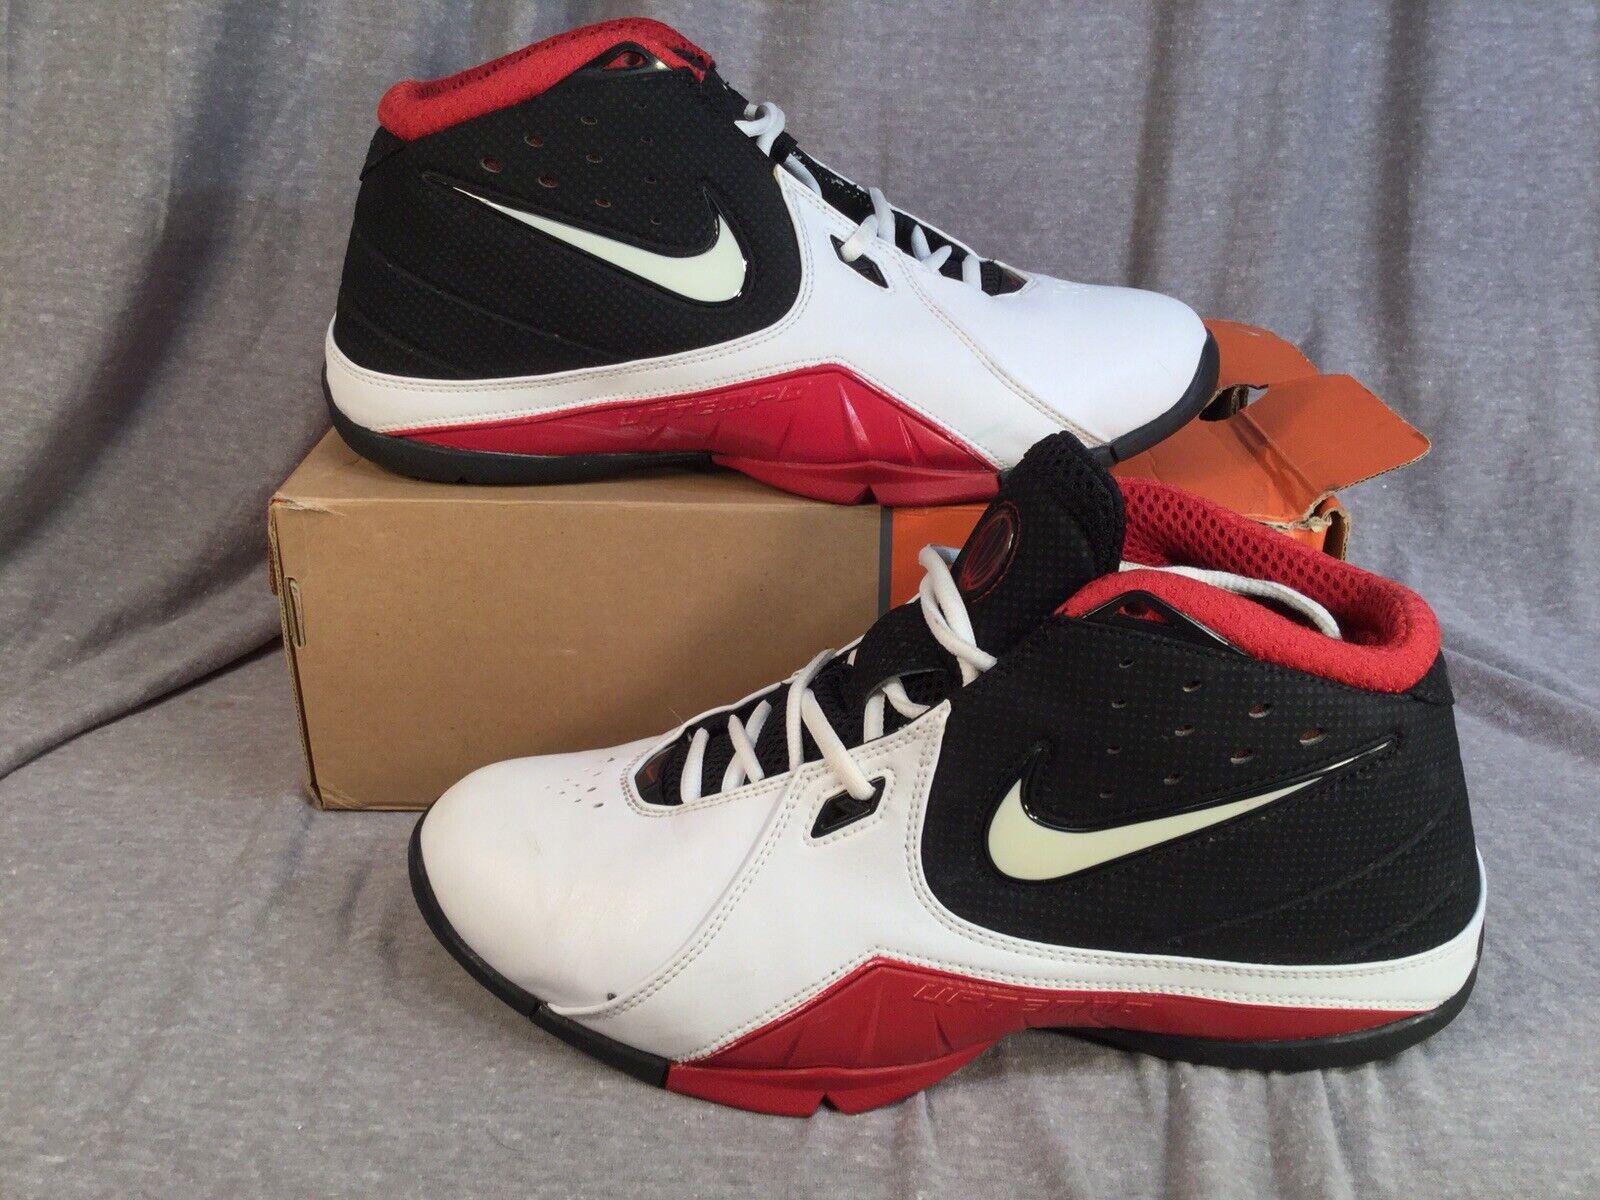 2006 NIKE Air Uptempo Stutter Step STEVE NASH Basketball 314468-111 Mens 11.0